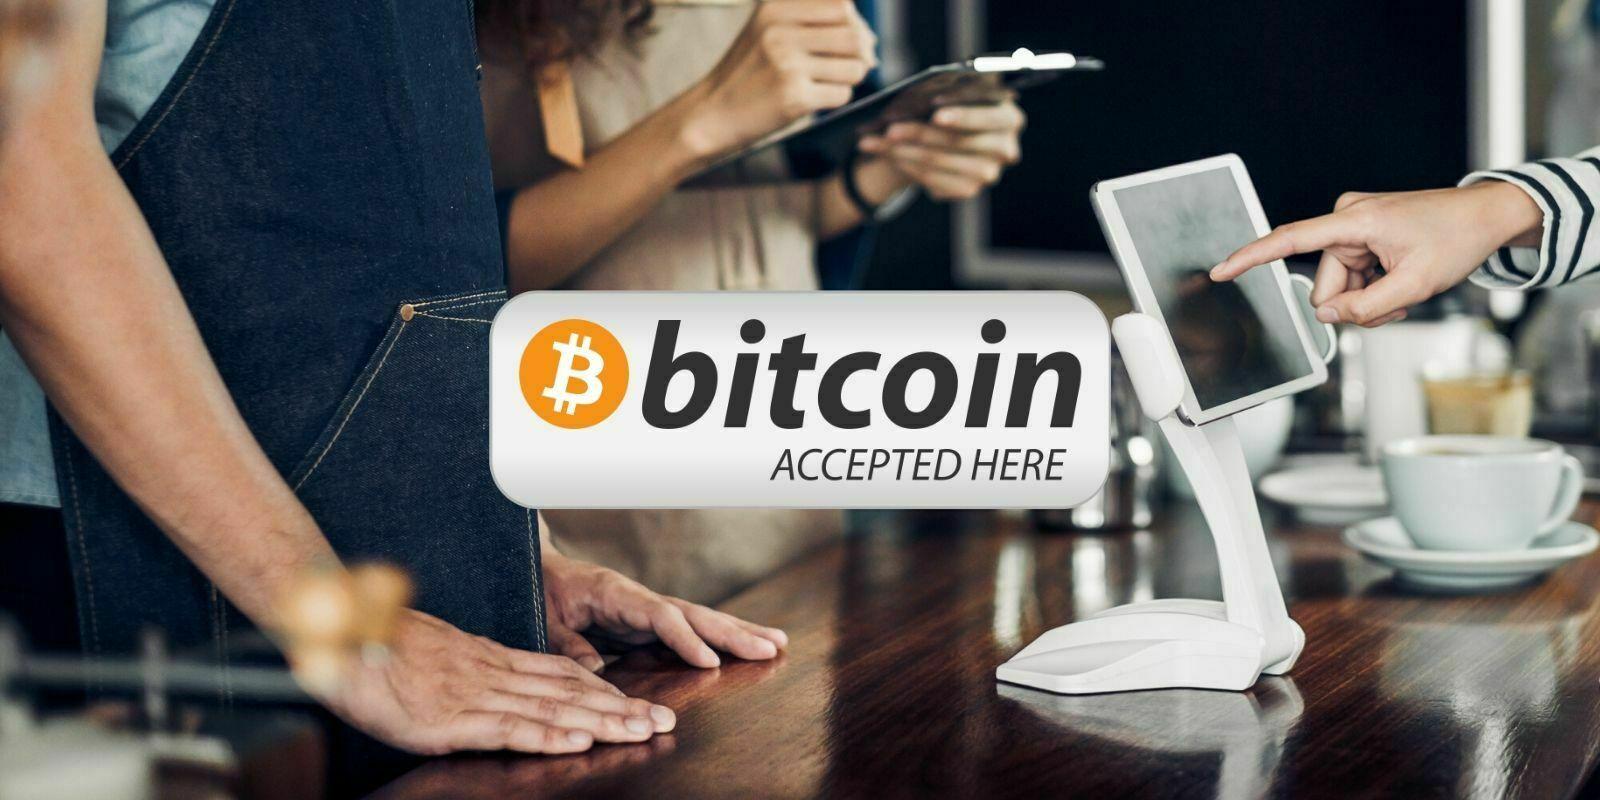 Accepter la cryptomonnaie en tant que commerçant